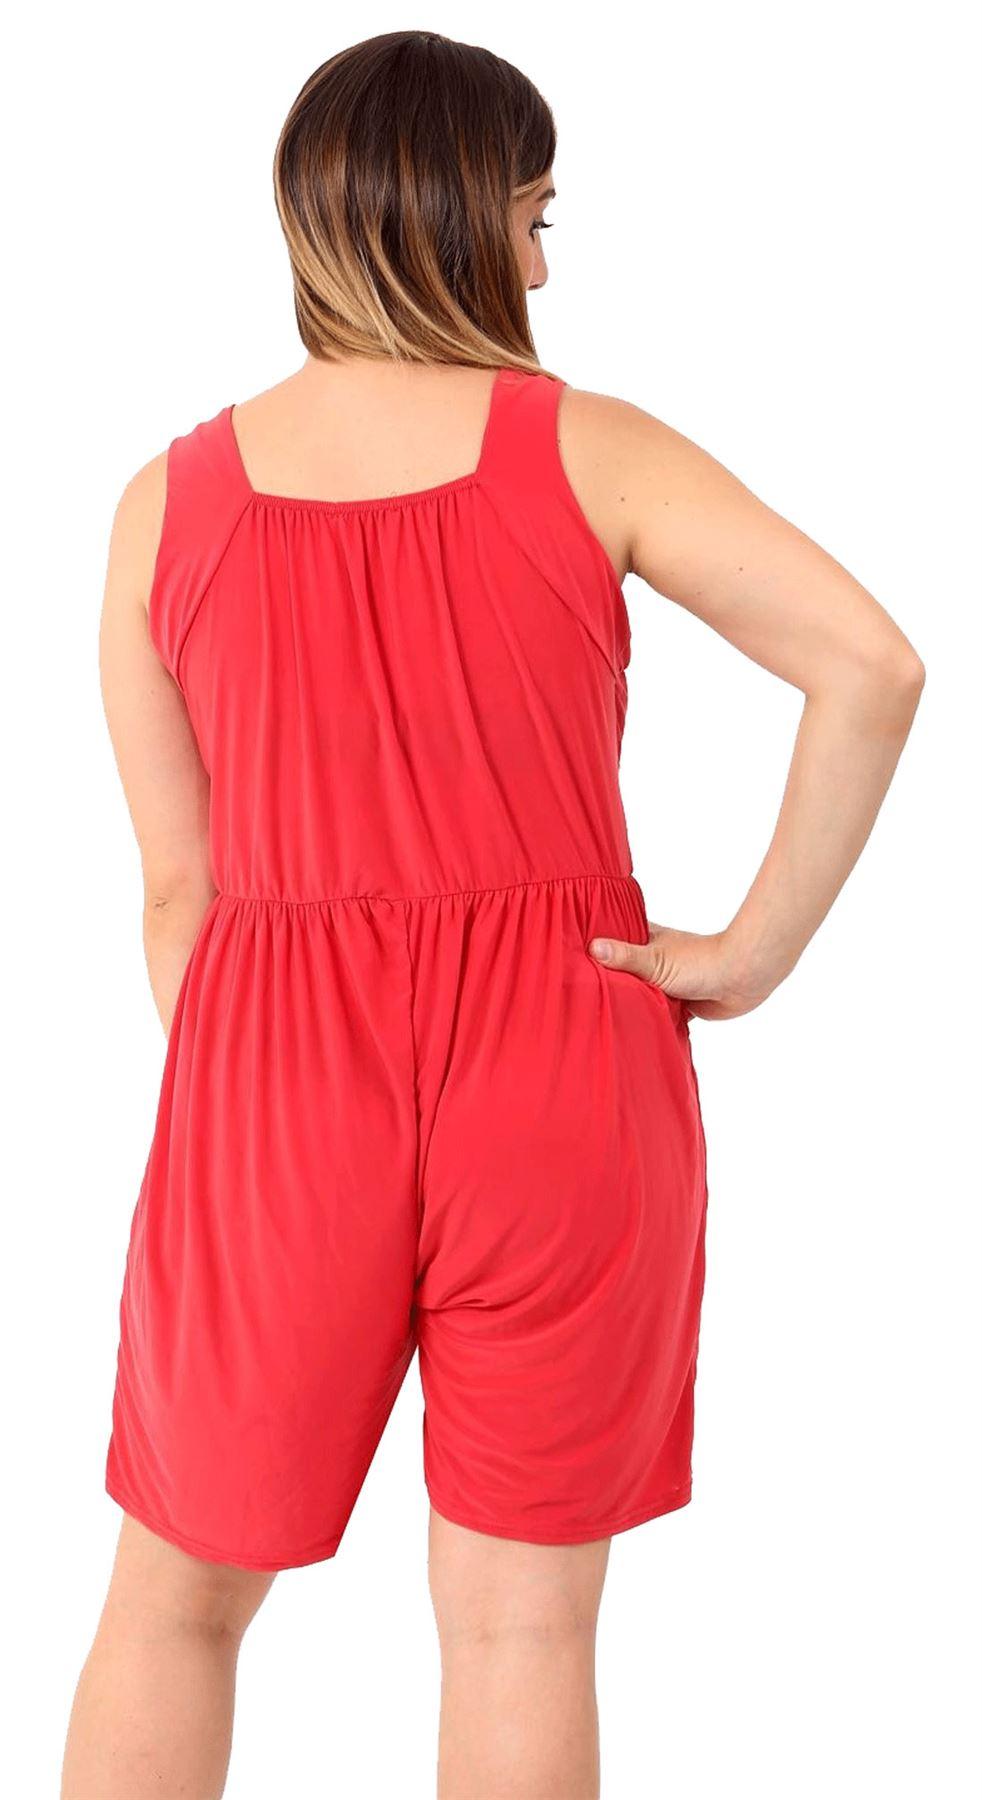 Ladies Wrap Over Playsuit Con Corto Donna Senza Maniche con cinturini a pieghe Romper Tuta